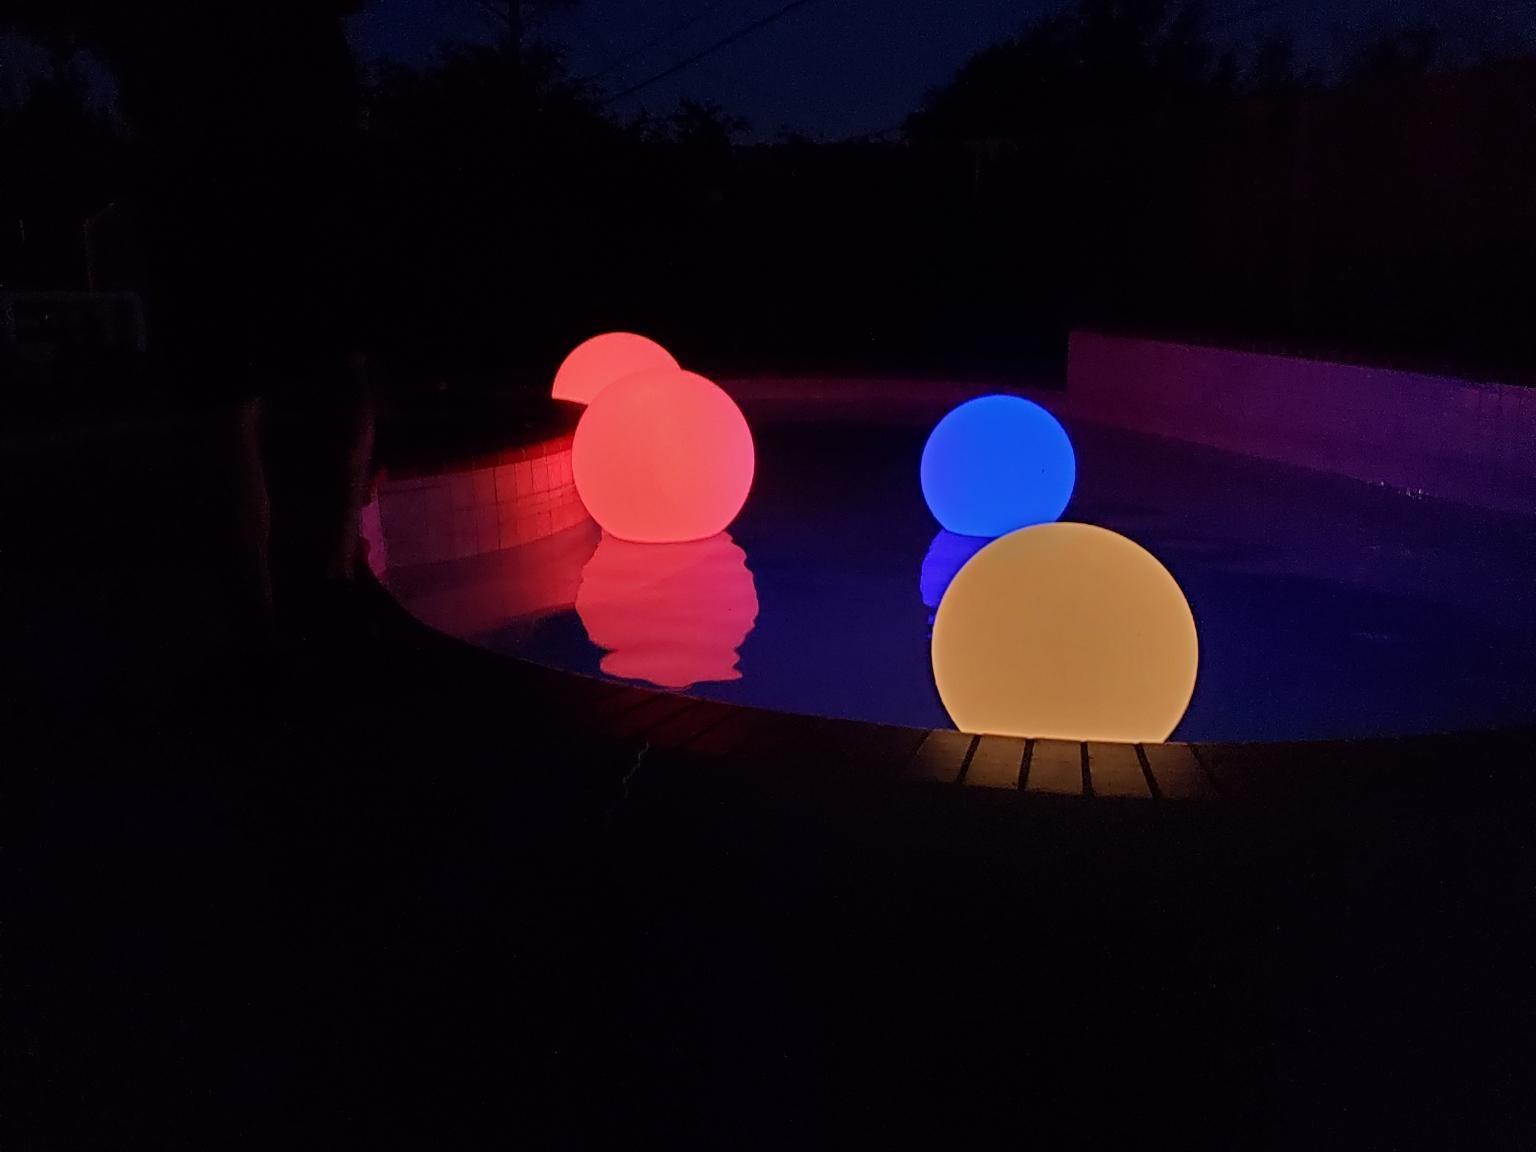 LED+floating+balls.jpg